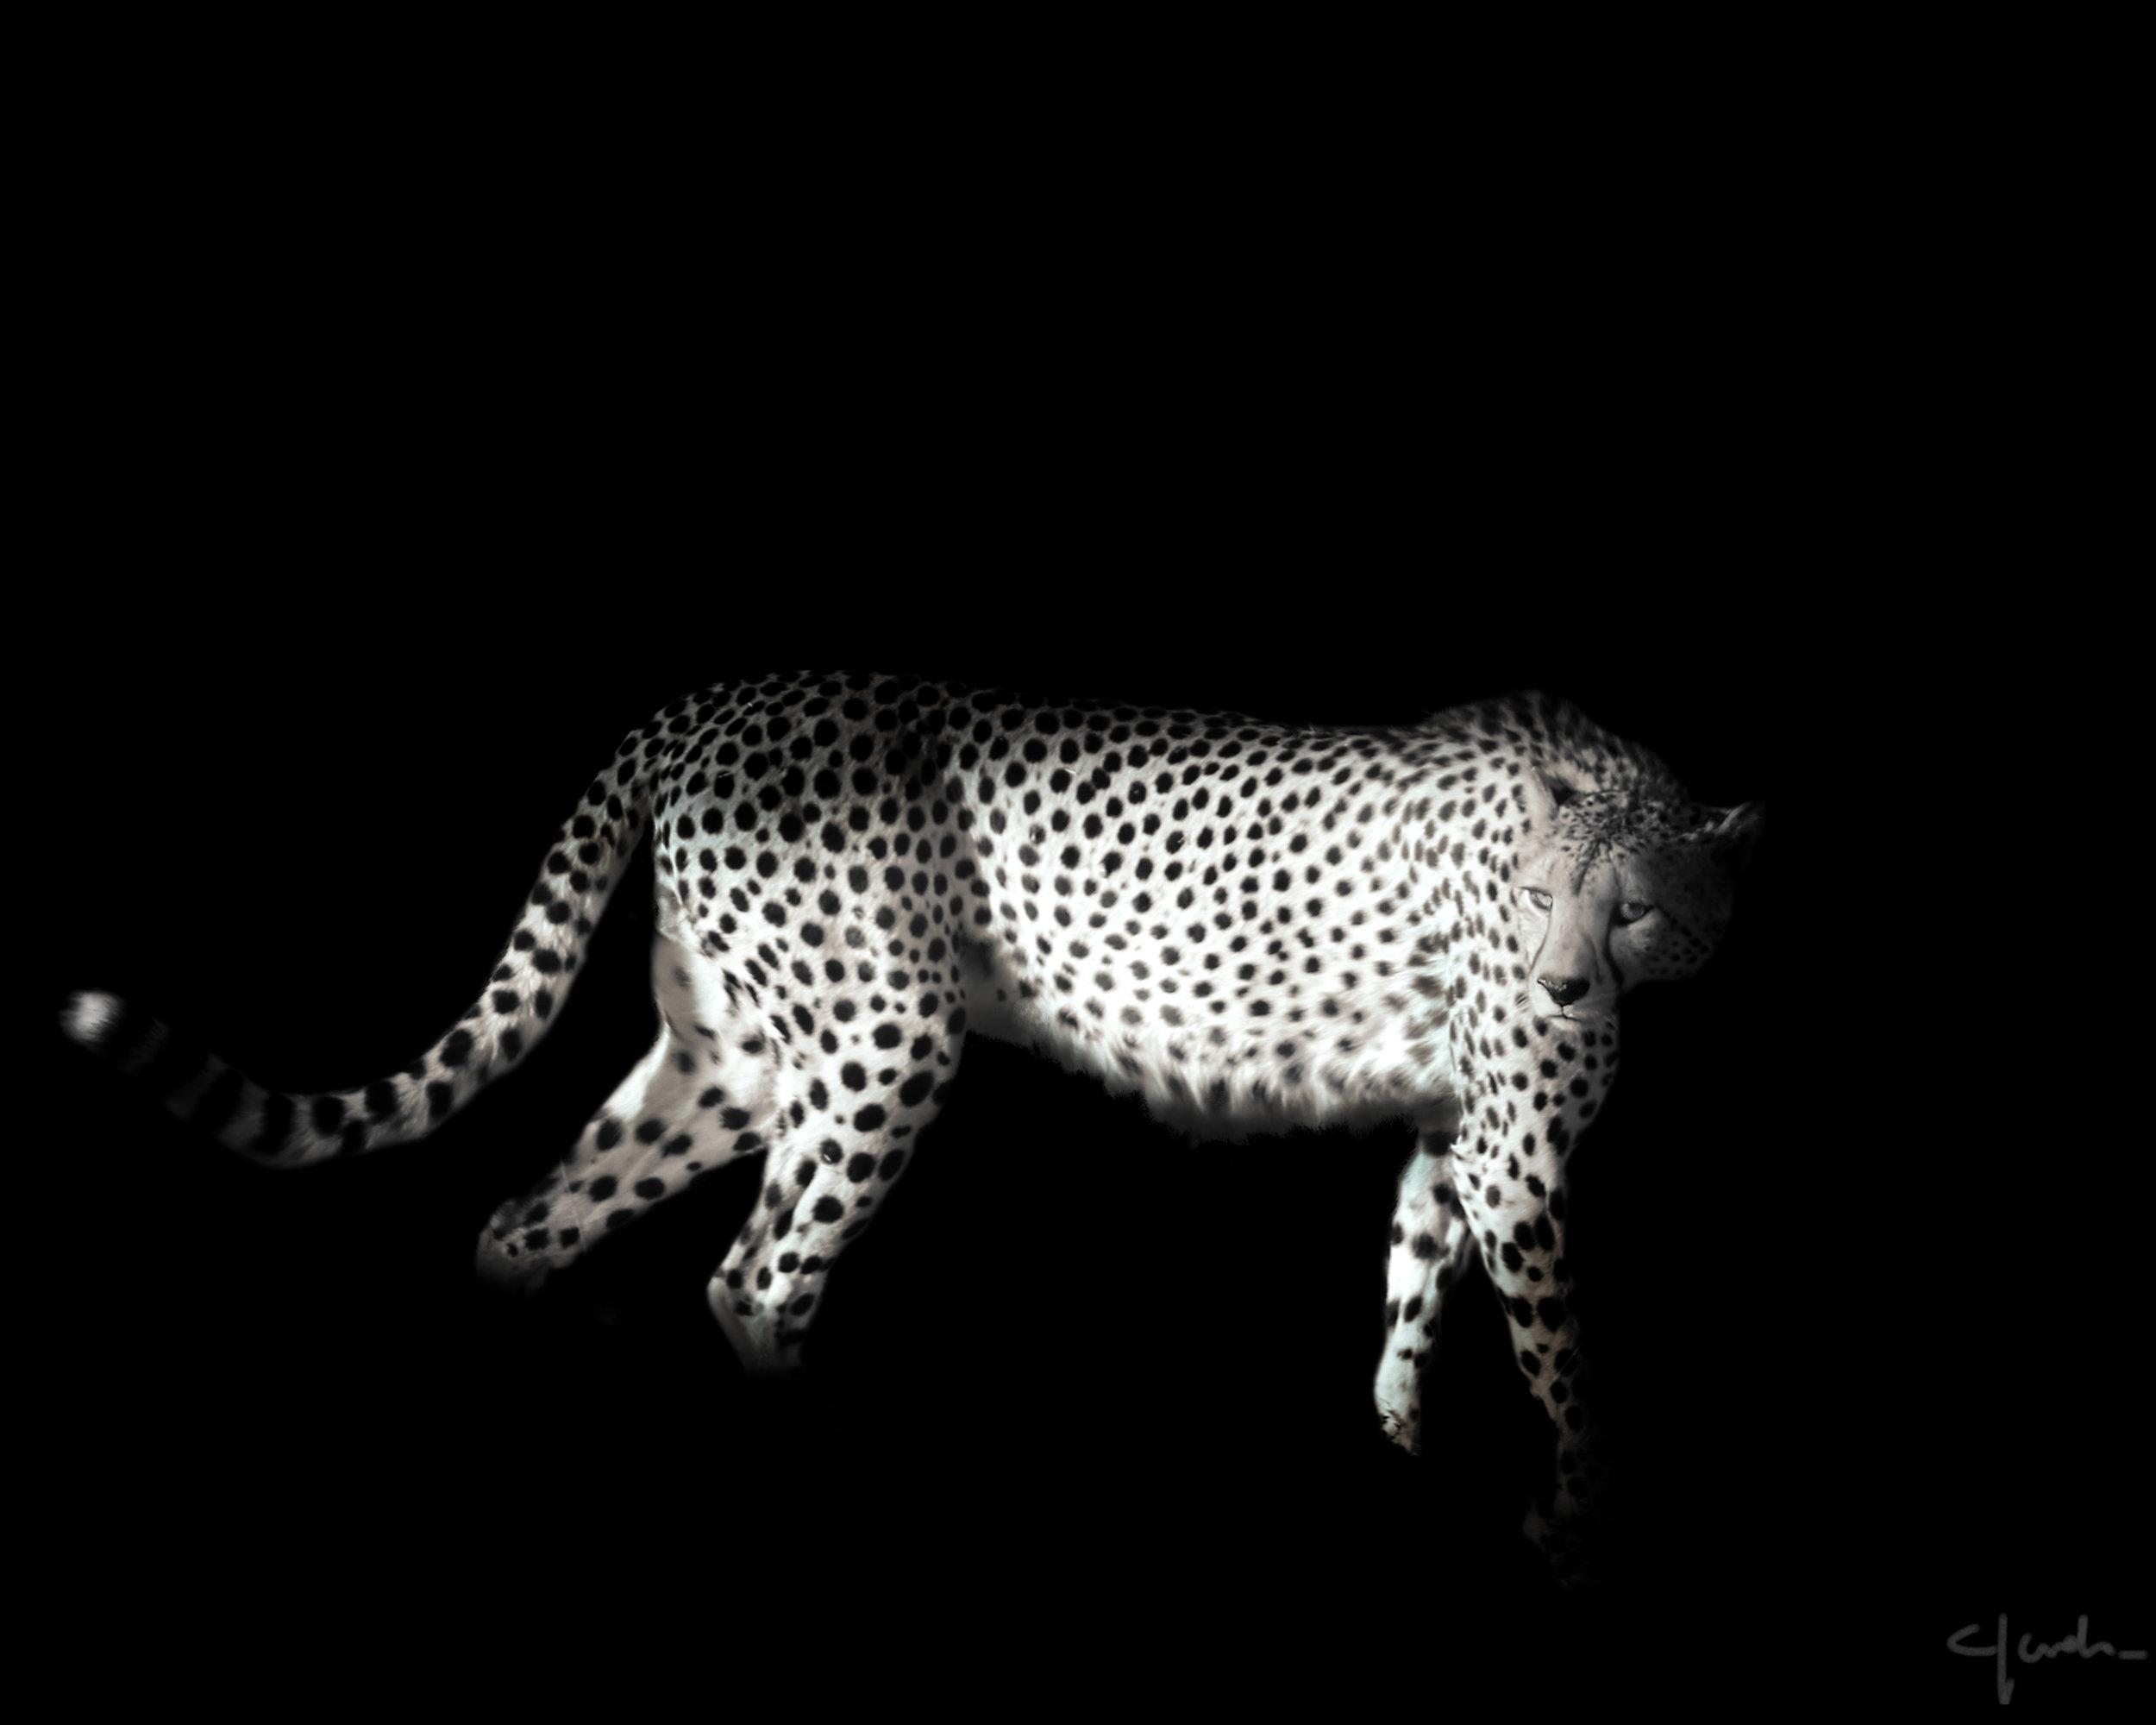 A cheetah walking, SA